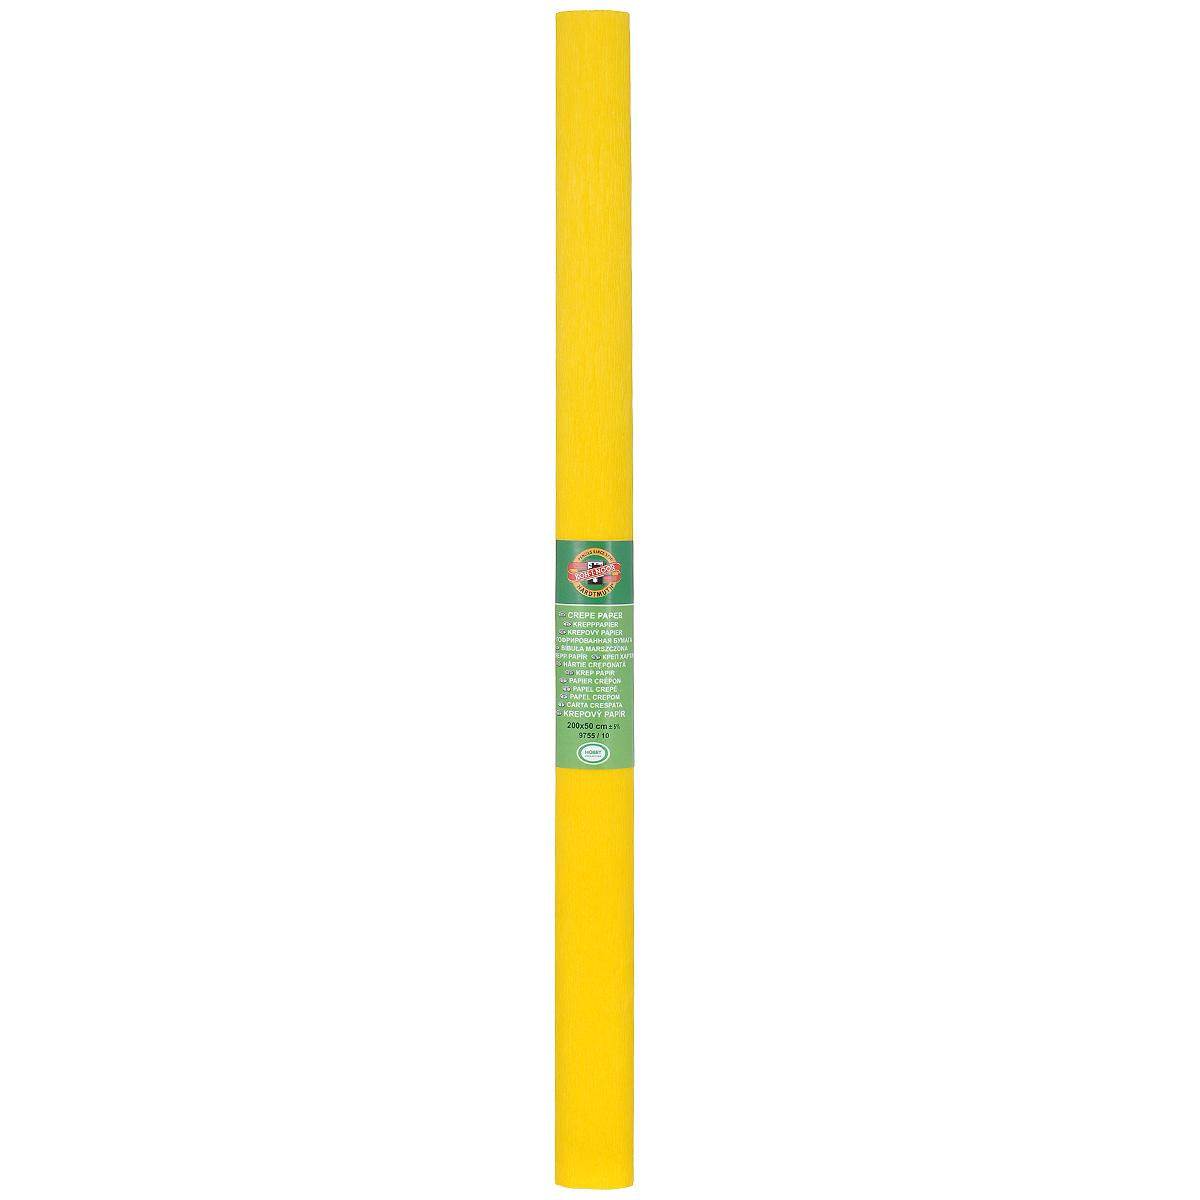 Бумага гофрированная Koh-I-Noor, цвет: темно-желтый, 50 см x 2 м9755/10Гофрированная бумага Koh-I-Noor - прекрасный материал для декорирования, изготовления эффектной упаковки и различных поделок. Бумага прекрасно держит форму, не пачкает руки, отлично крепится и замечательно подходит для изготовления праздничной упаковки для цветов.